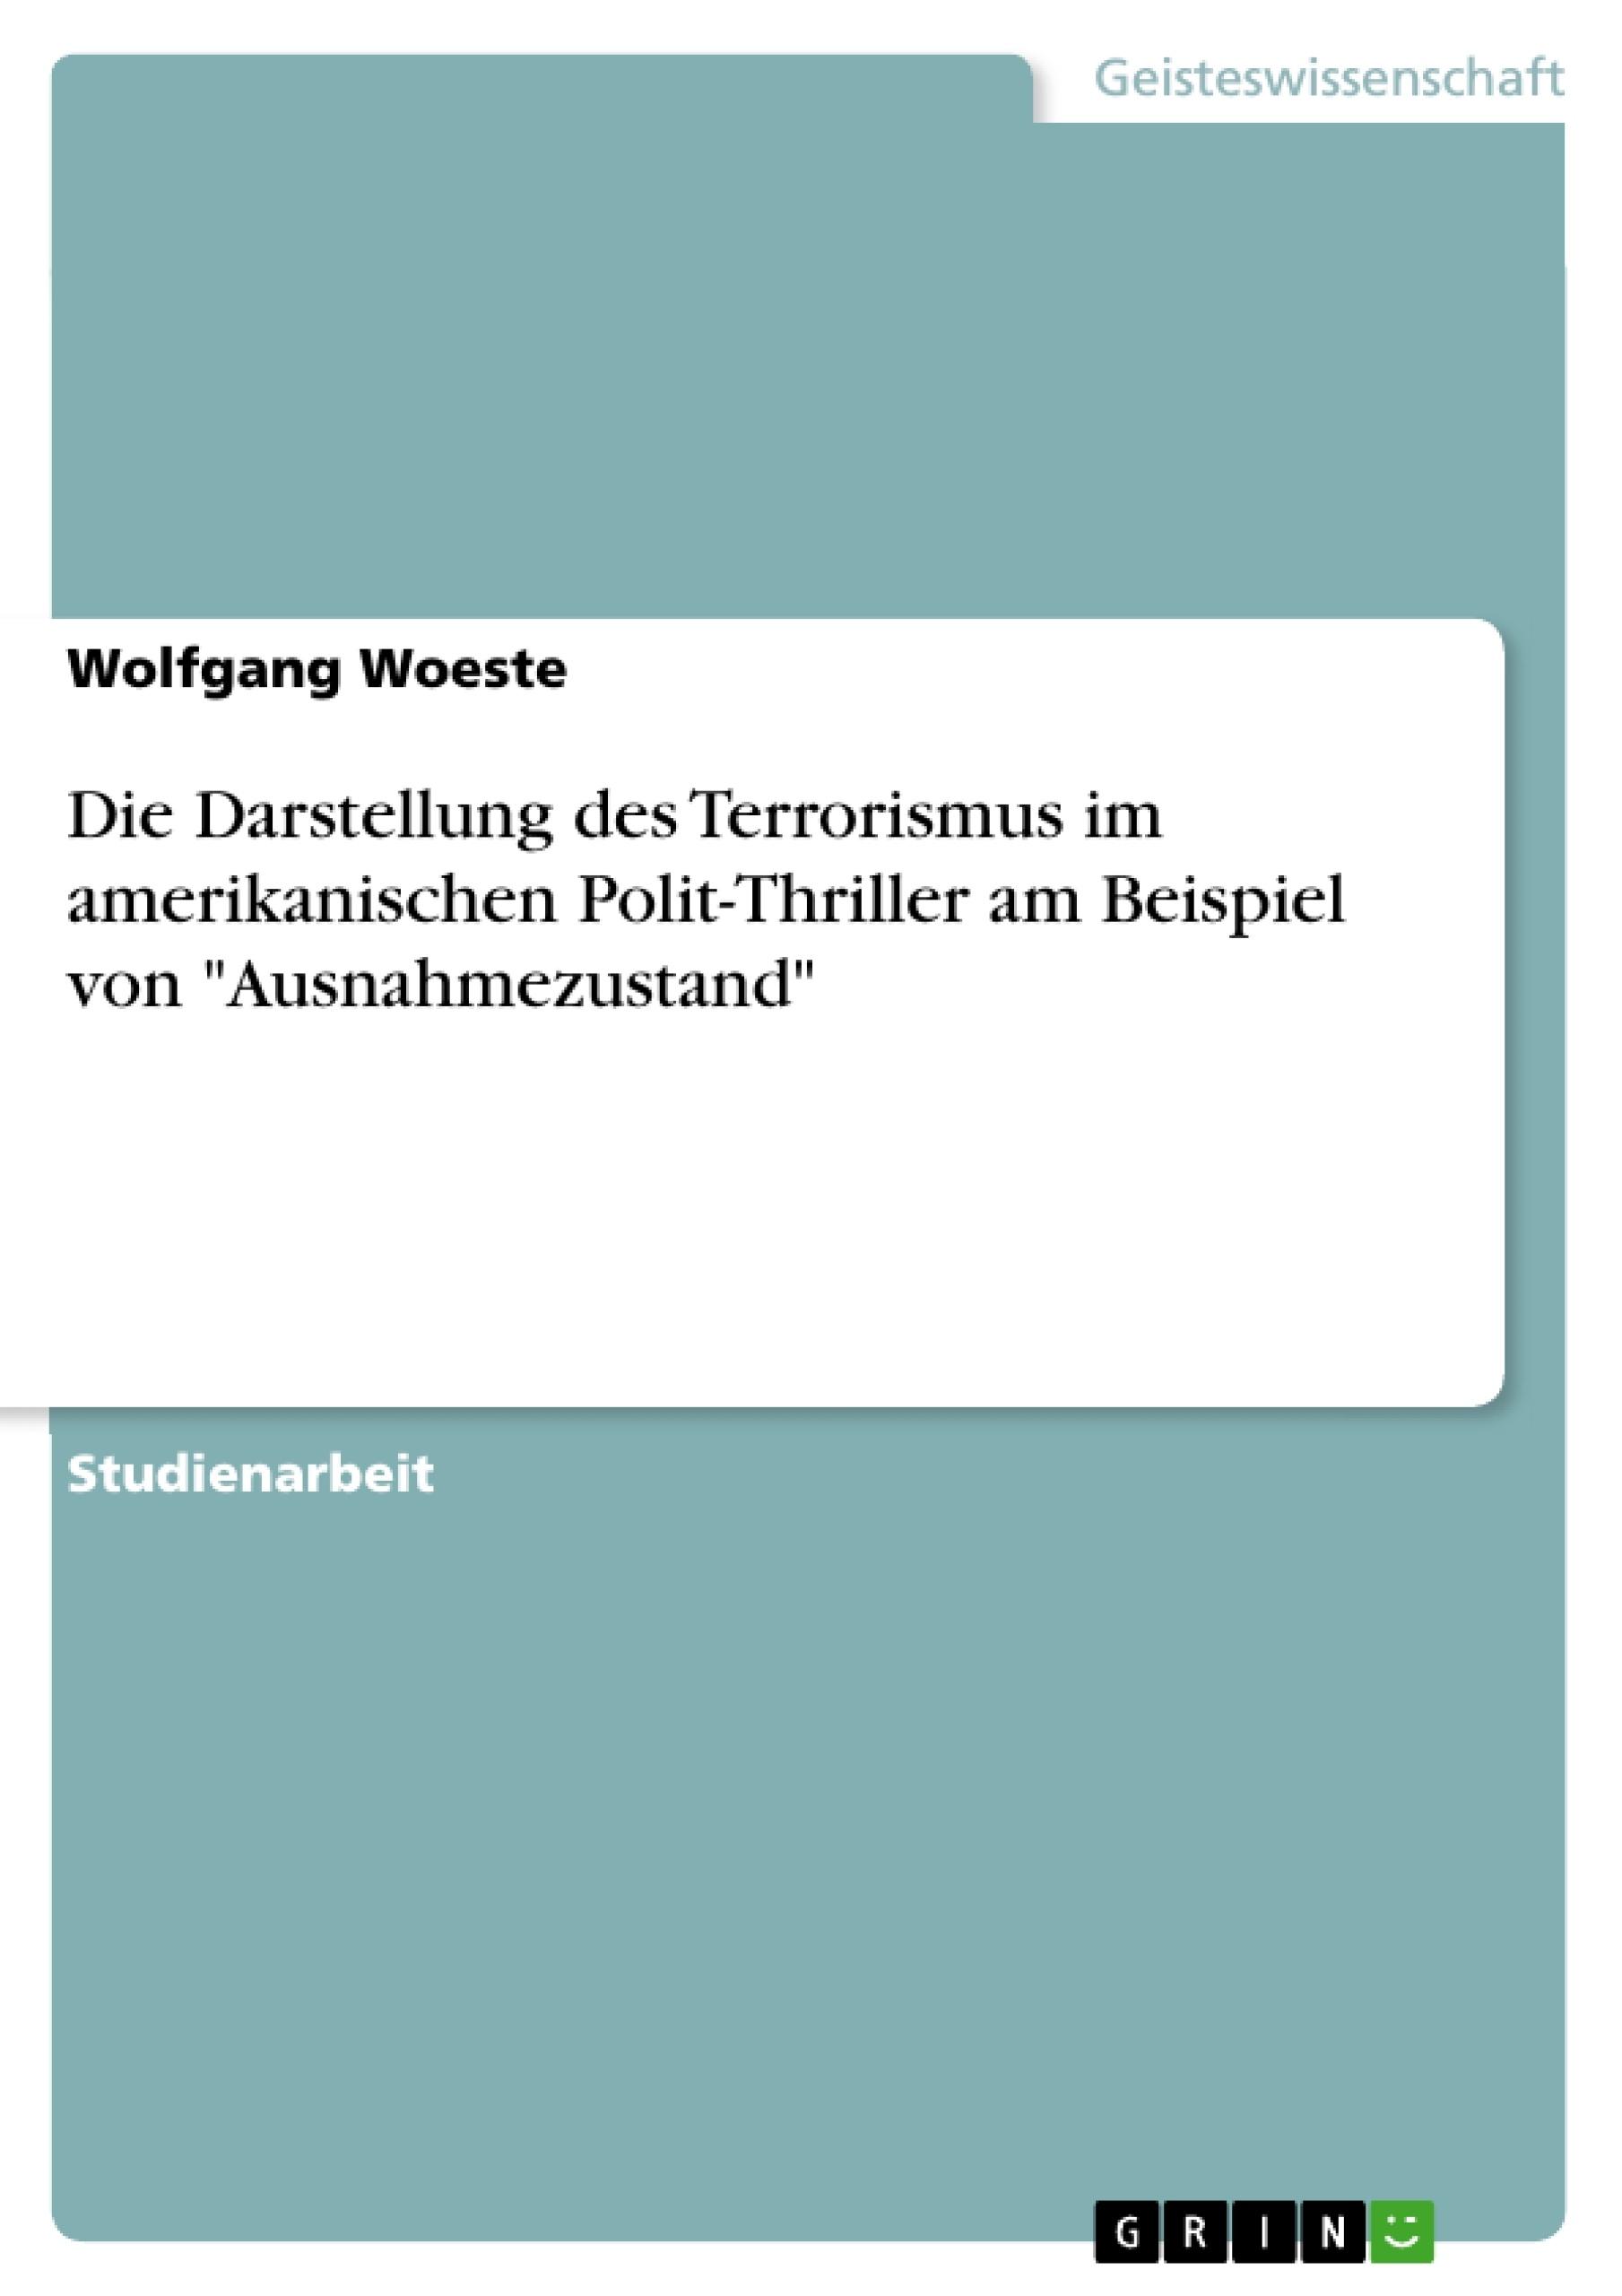 """Titel: Die Darstellung des Terrorismus im amerikanischen Polit-Thriller am Beispiel von """"Ausnahmezustand"""""""